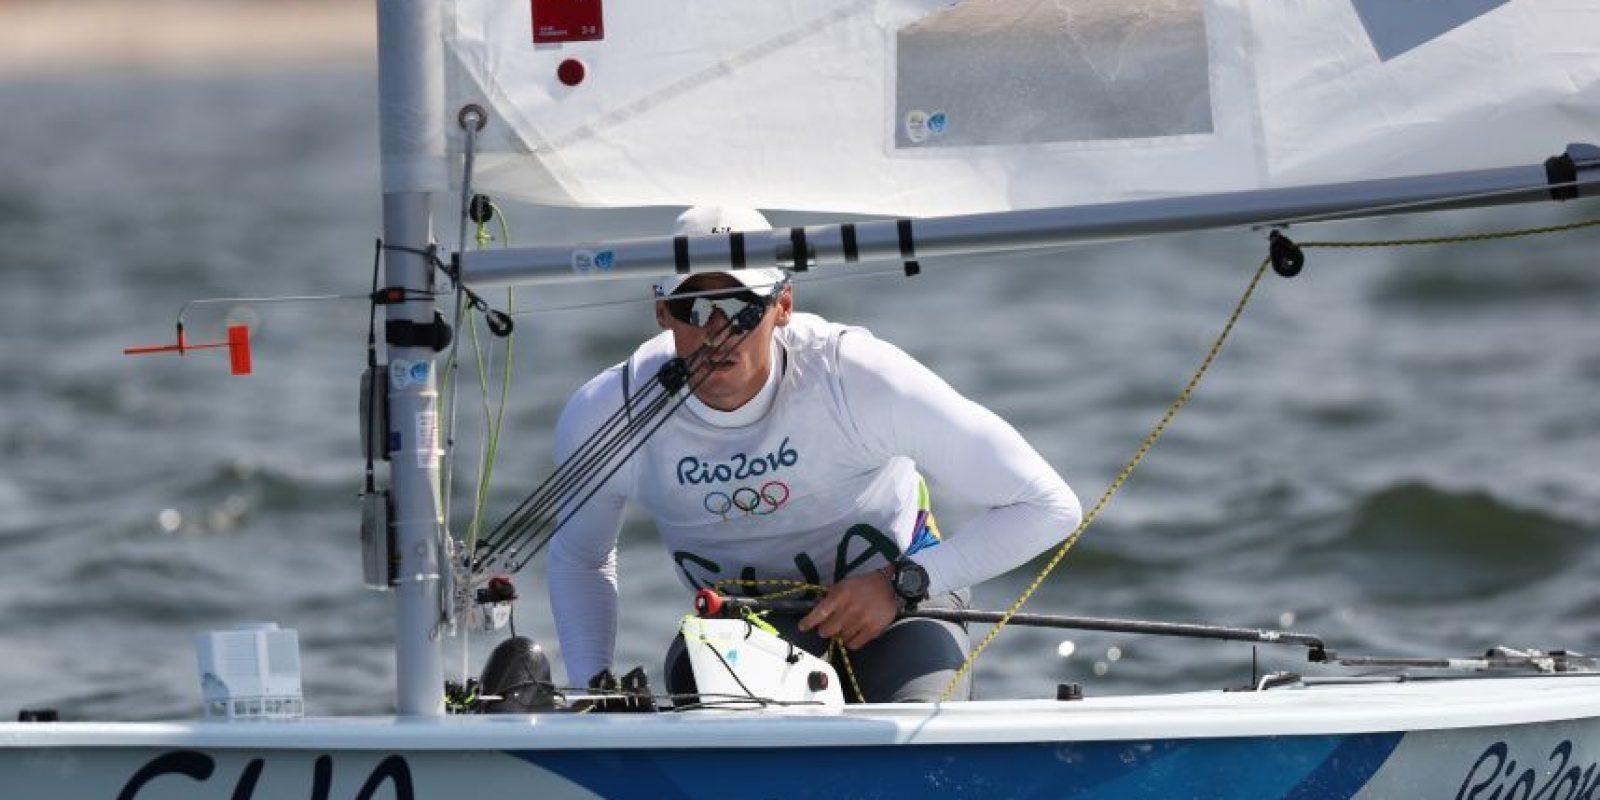 El club aplaudió la llegada del tres veces competidor olímpico guatemalteco a sus filas. Foto:Publisport